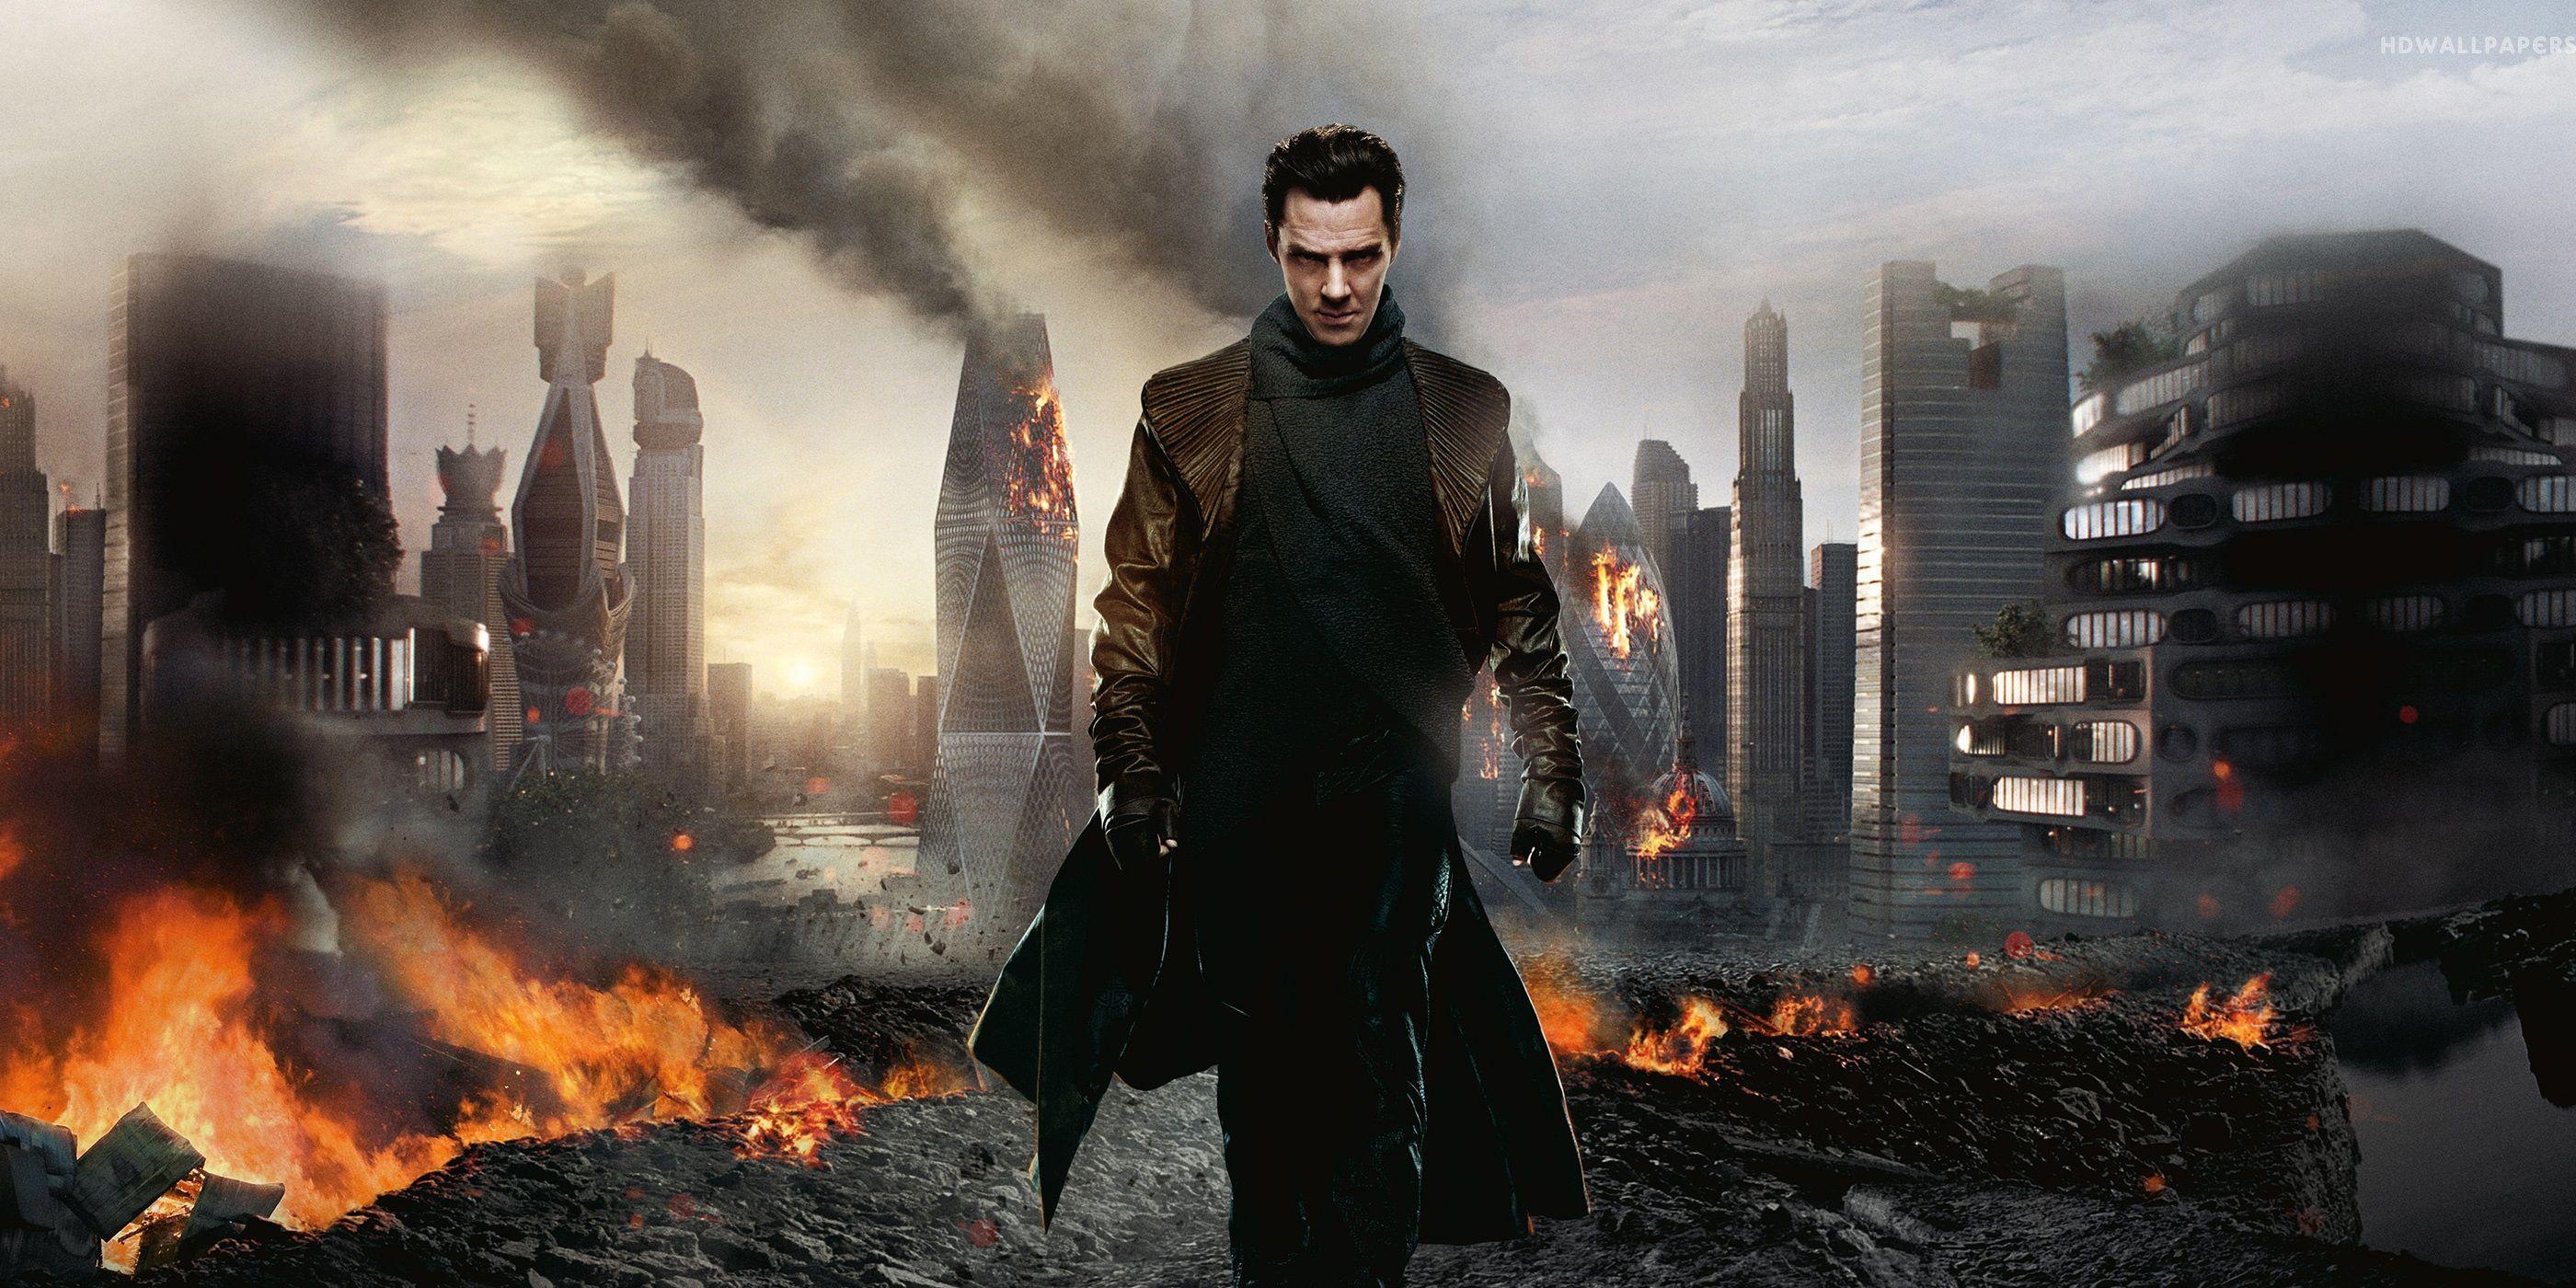 benedict cumberbatch movies